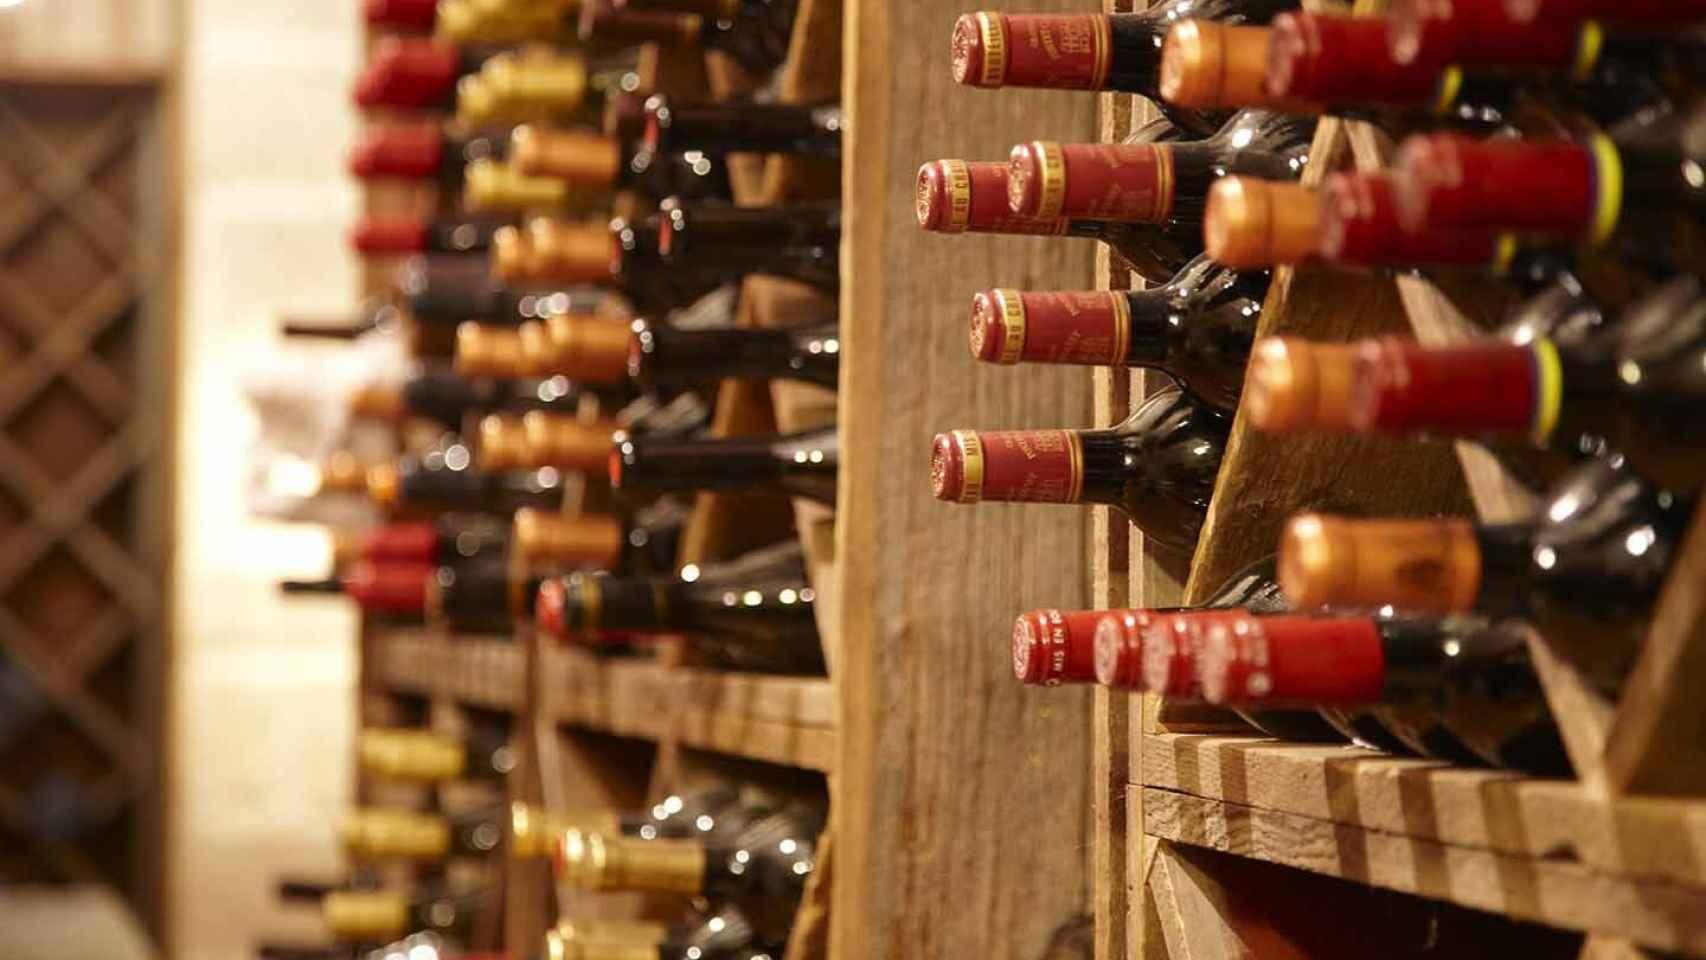 El vino es un ente vivo y frágil que requiere un almacenamiento favorable.